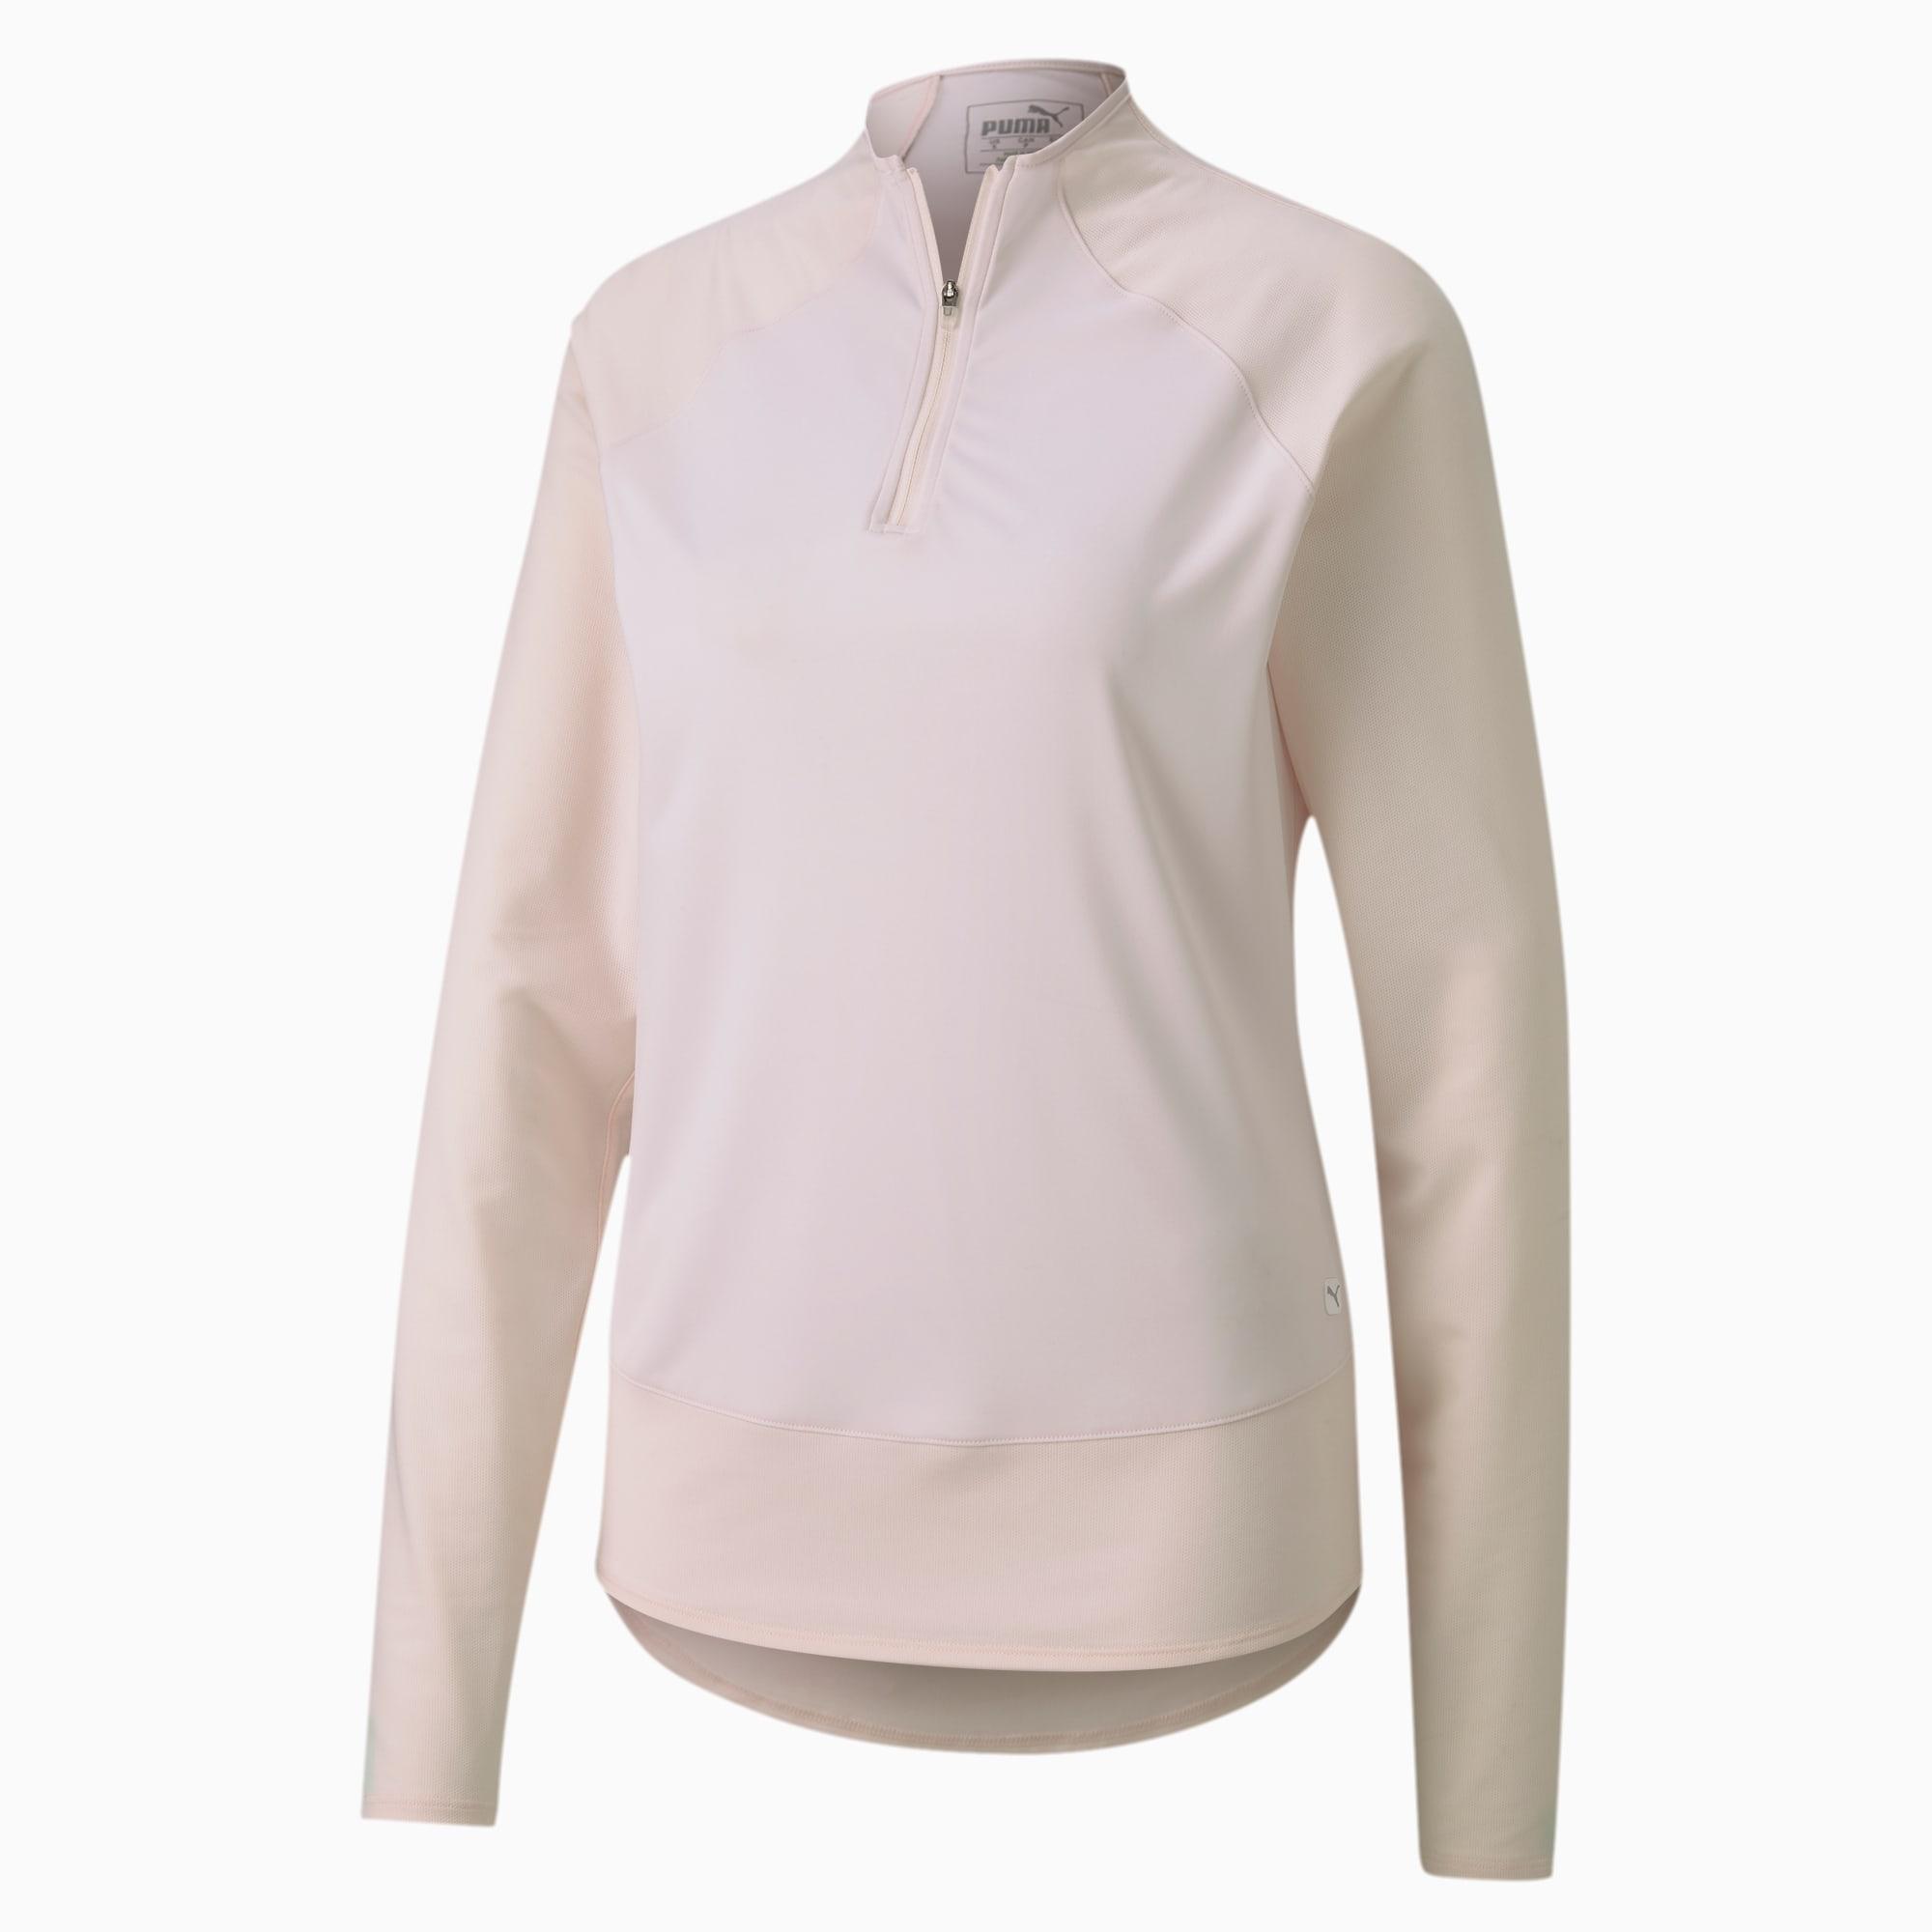 PUMA Pull de golf Mesh 1/4 Zip pour Femme, Rose, Taille S, Vêtements